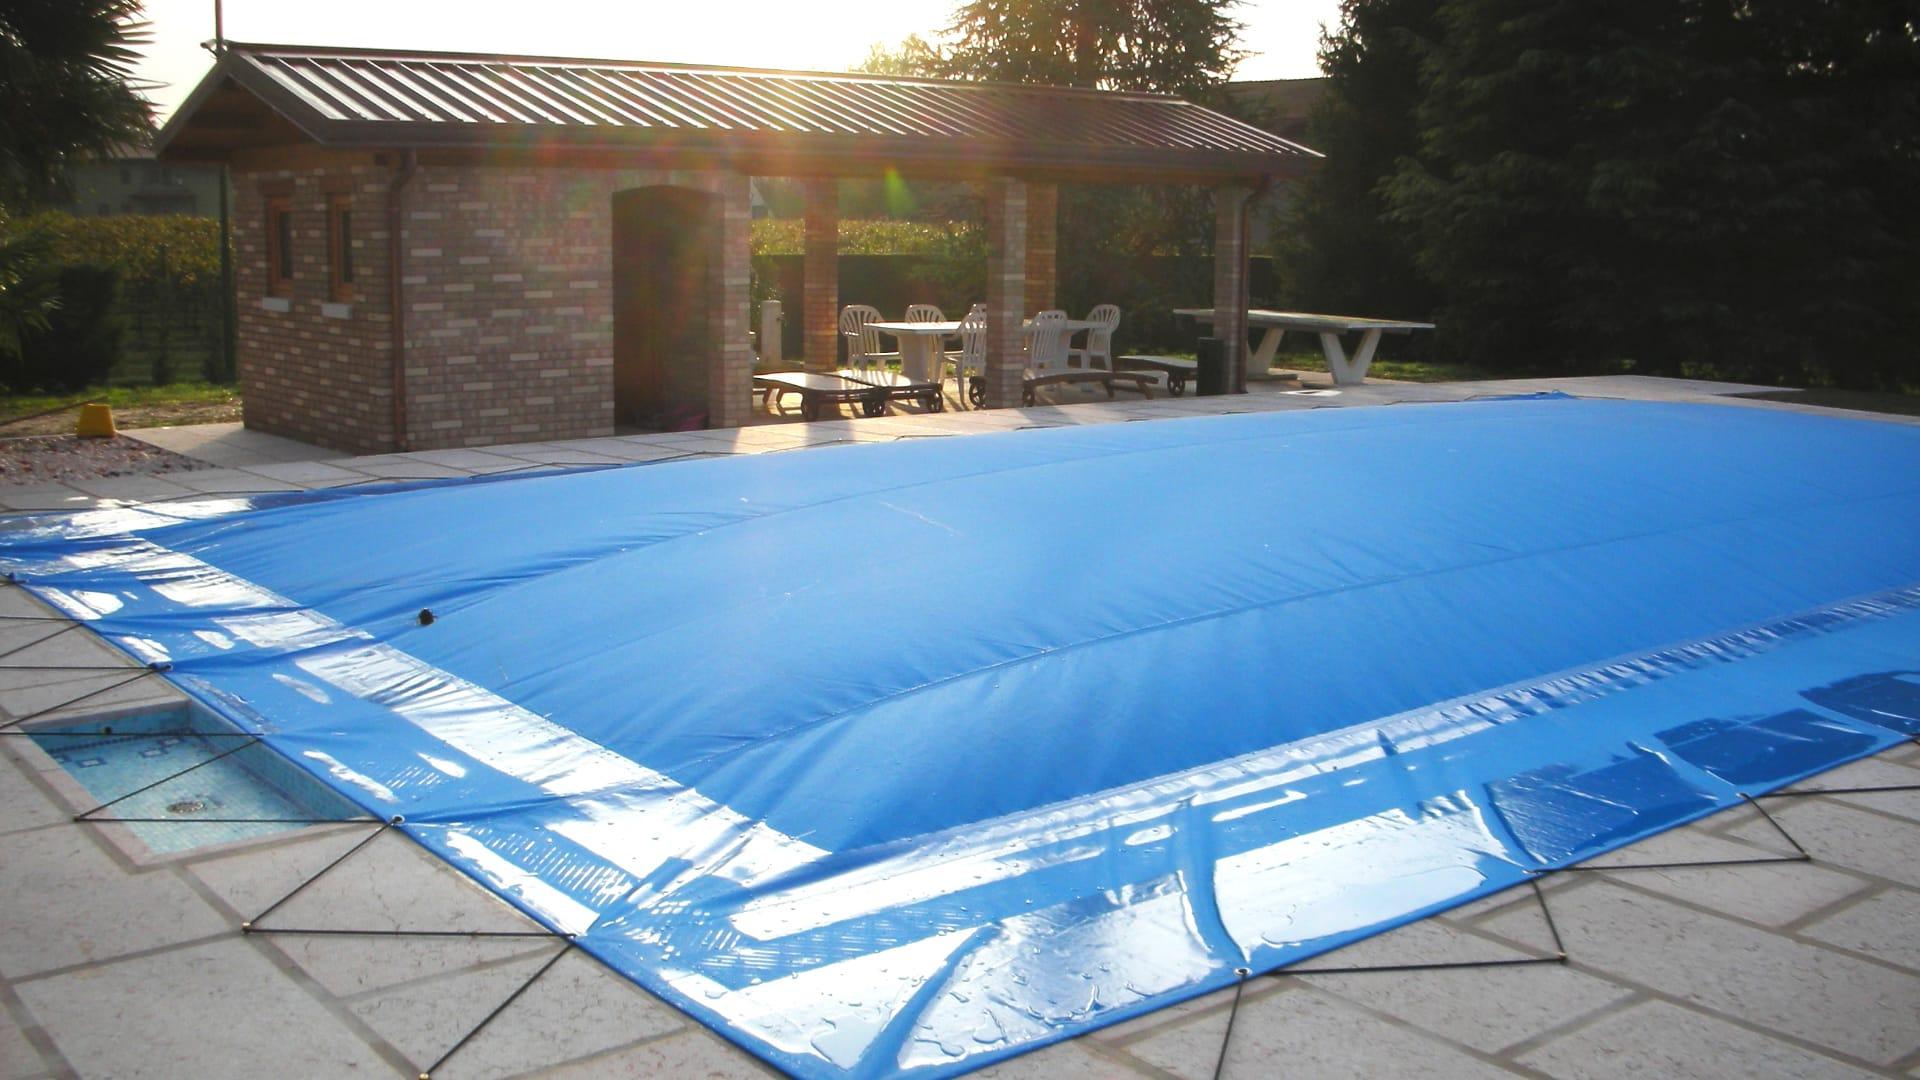 Coperture piscina invernali e di sicurezza | Favaretti Group